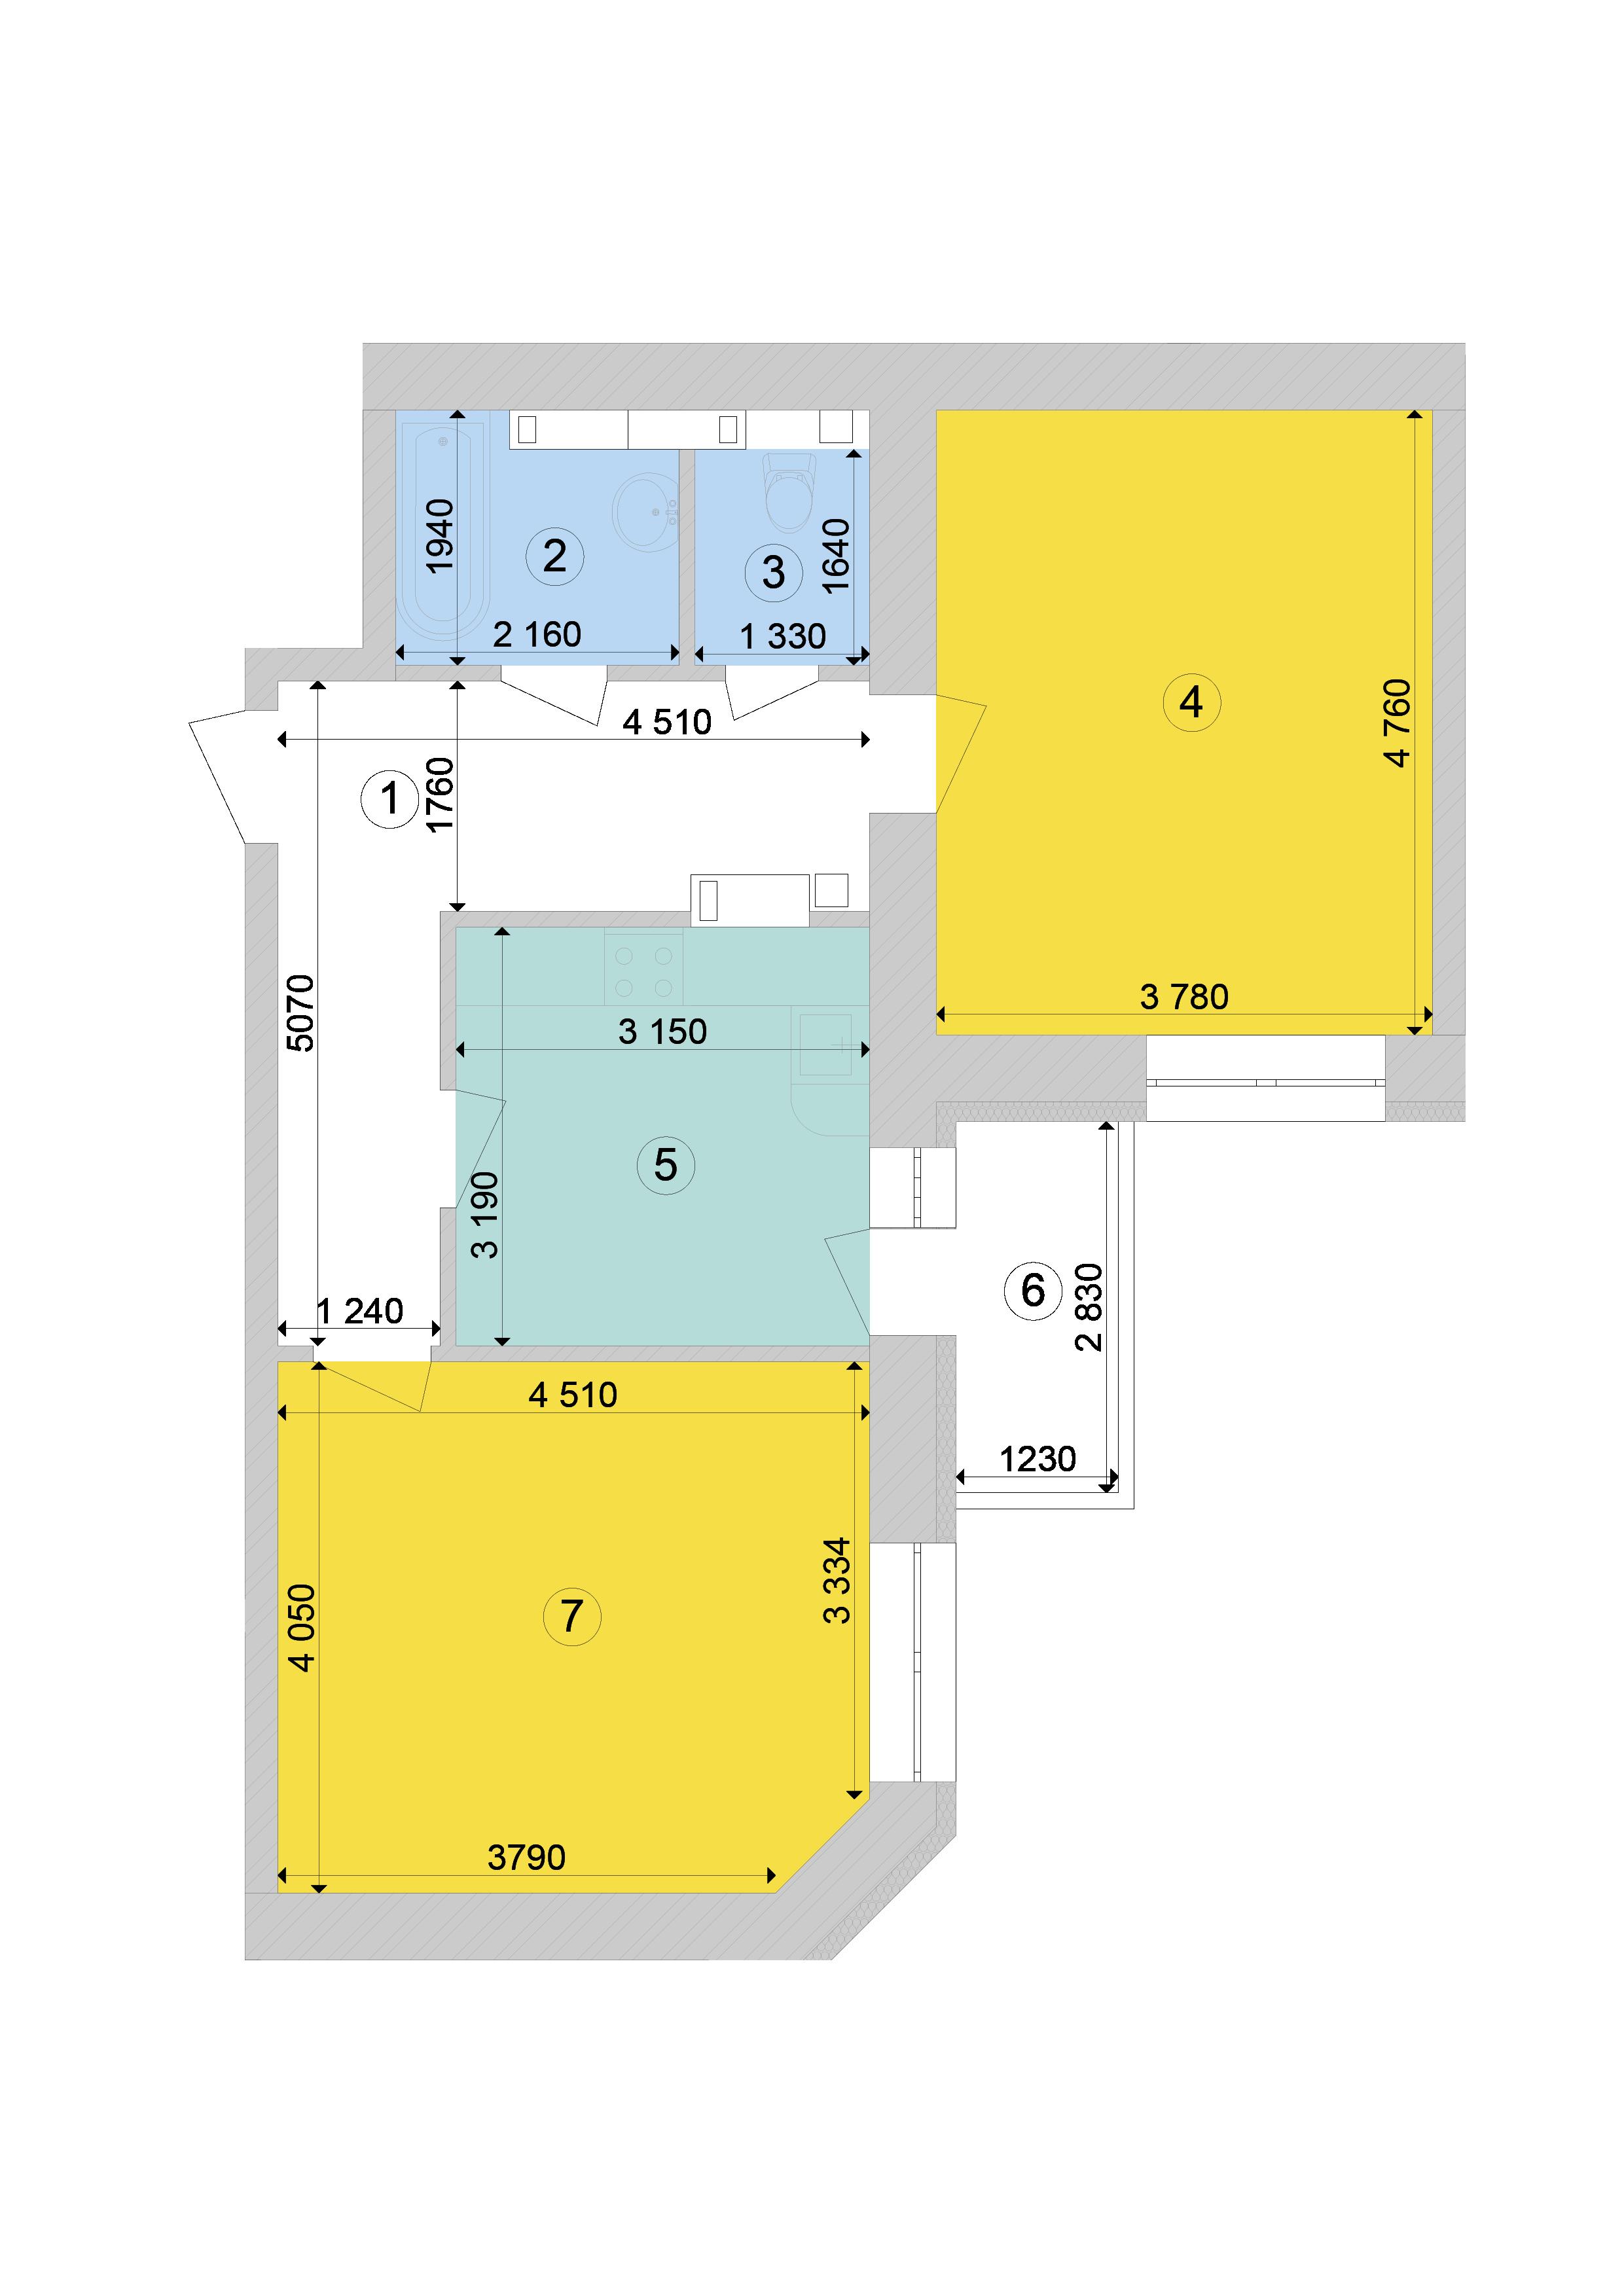 Купити Двокімнатна квартира 63,46 кв.м., тип 2.4, будинок 1, секція 7 в Києві Голосіївський район